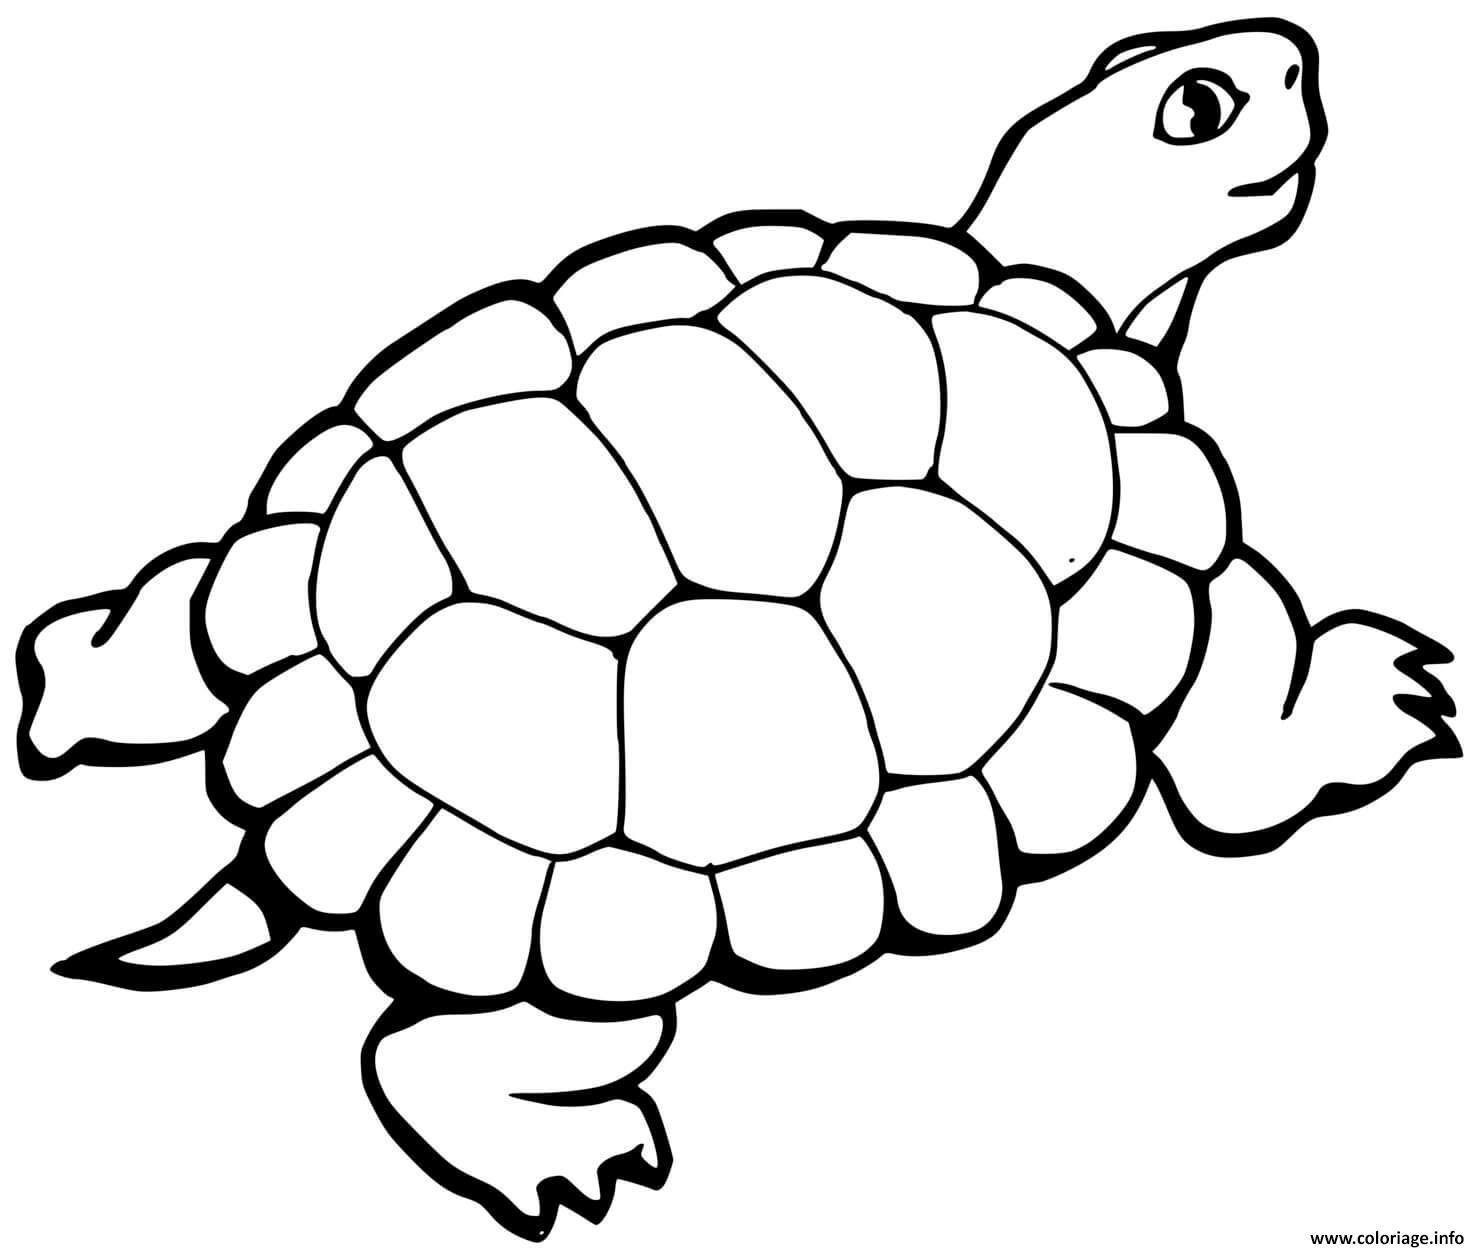 Dessin tortue avec queue Coloriage Gratuit à Imprimer